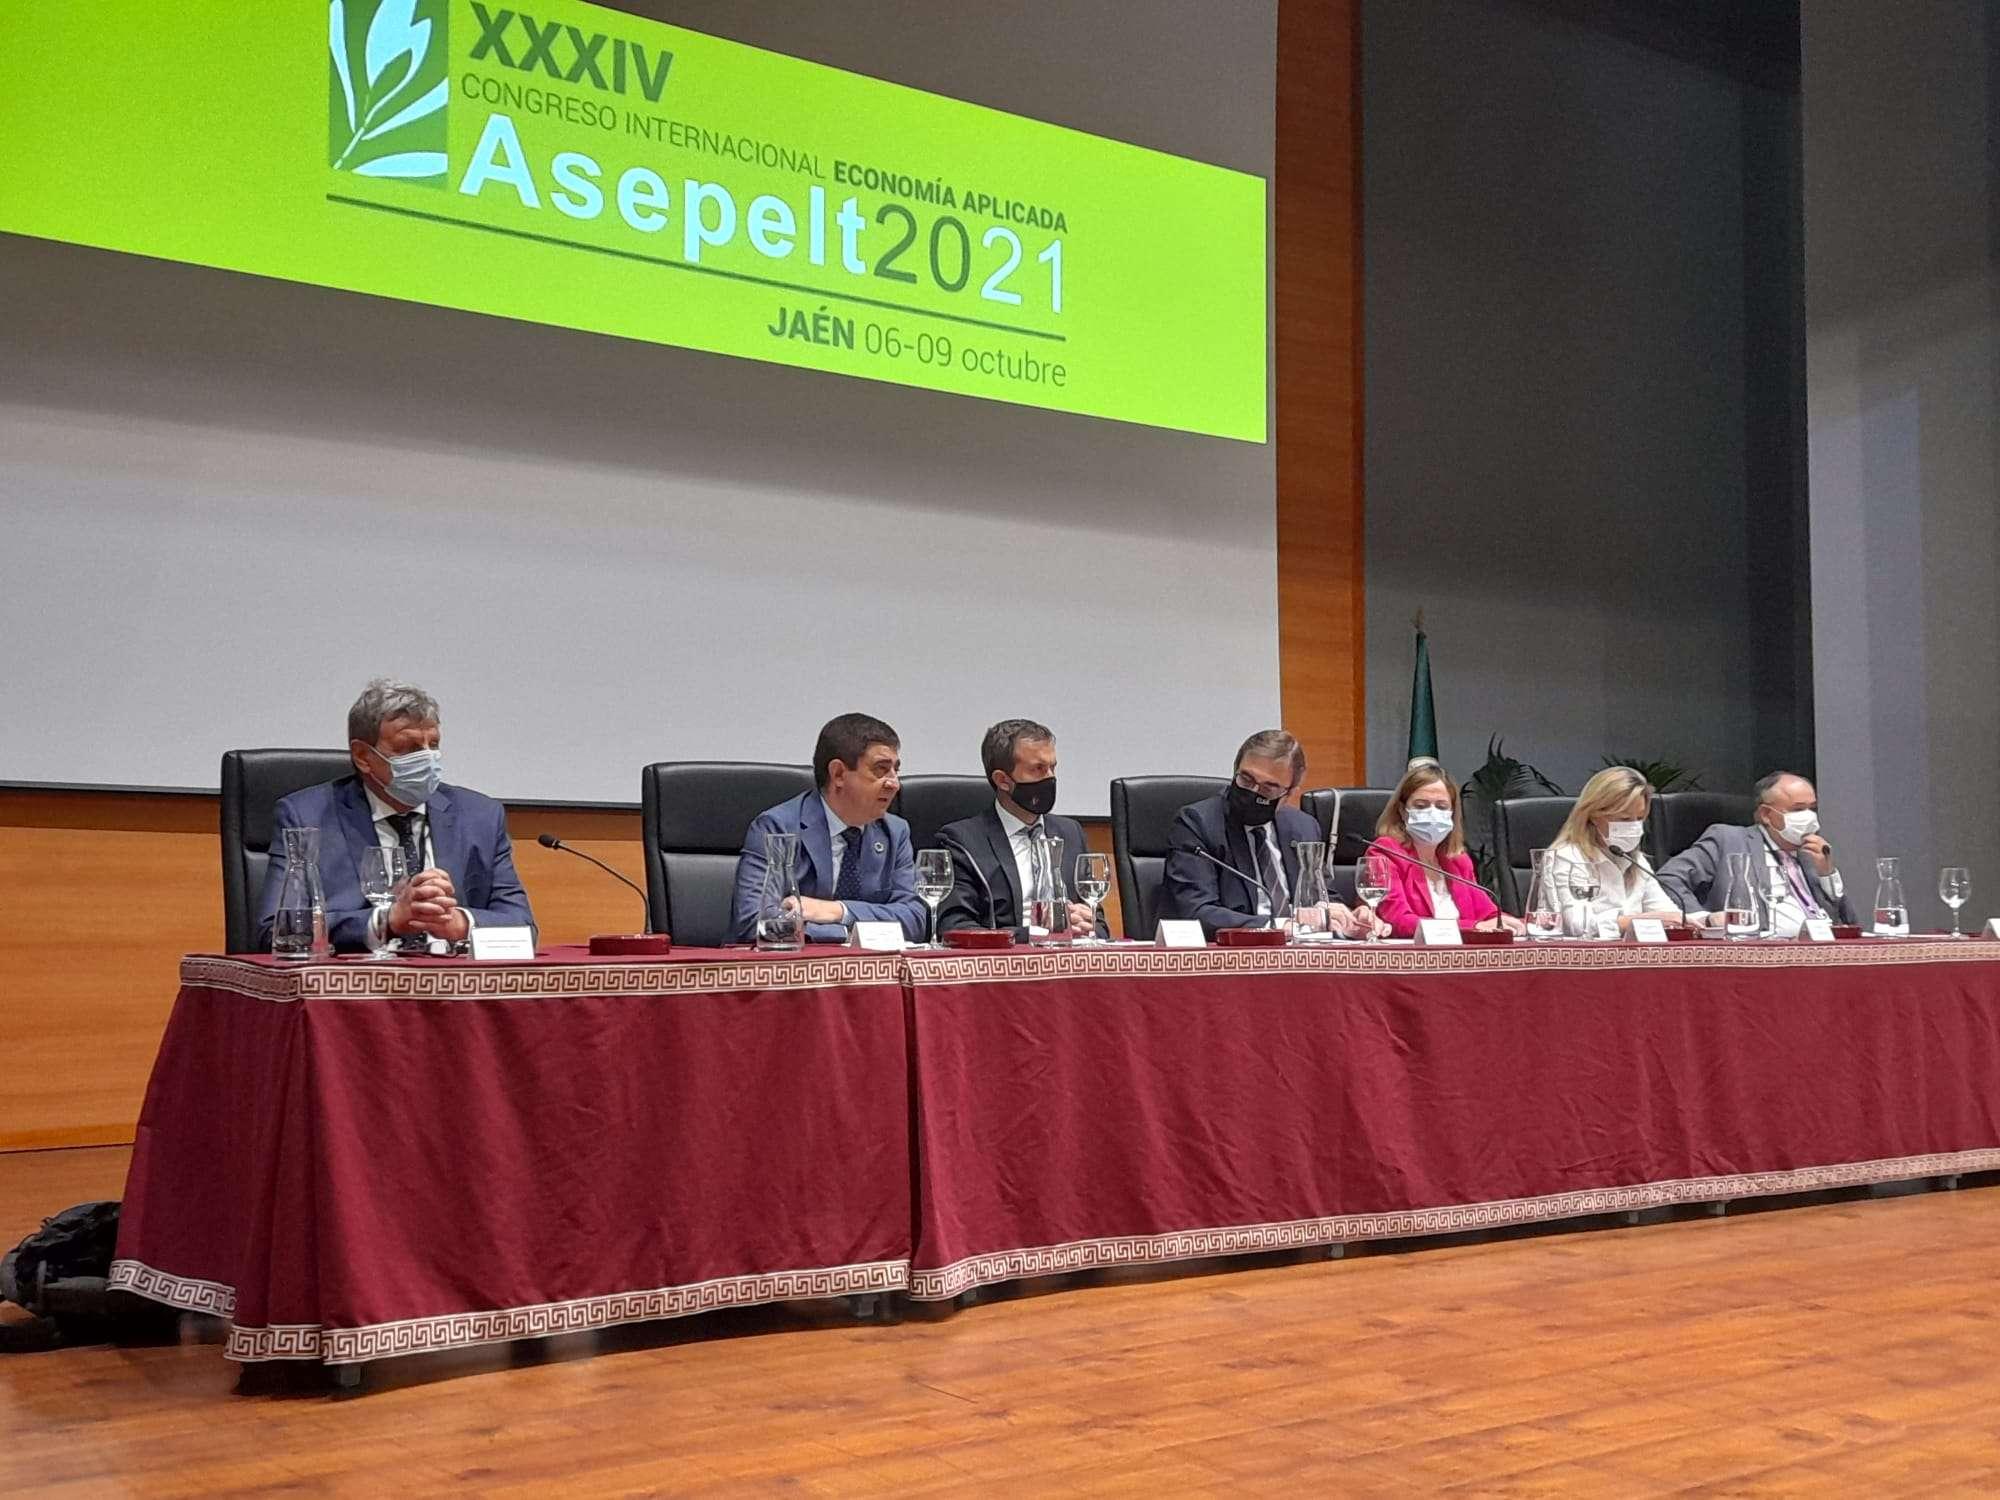 El congreso que se está llevando a cabo tanto de forma presencial como telemática y en cuyo contenido tendrá especial protagonismo la economía del olivar.